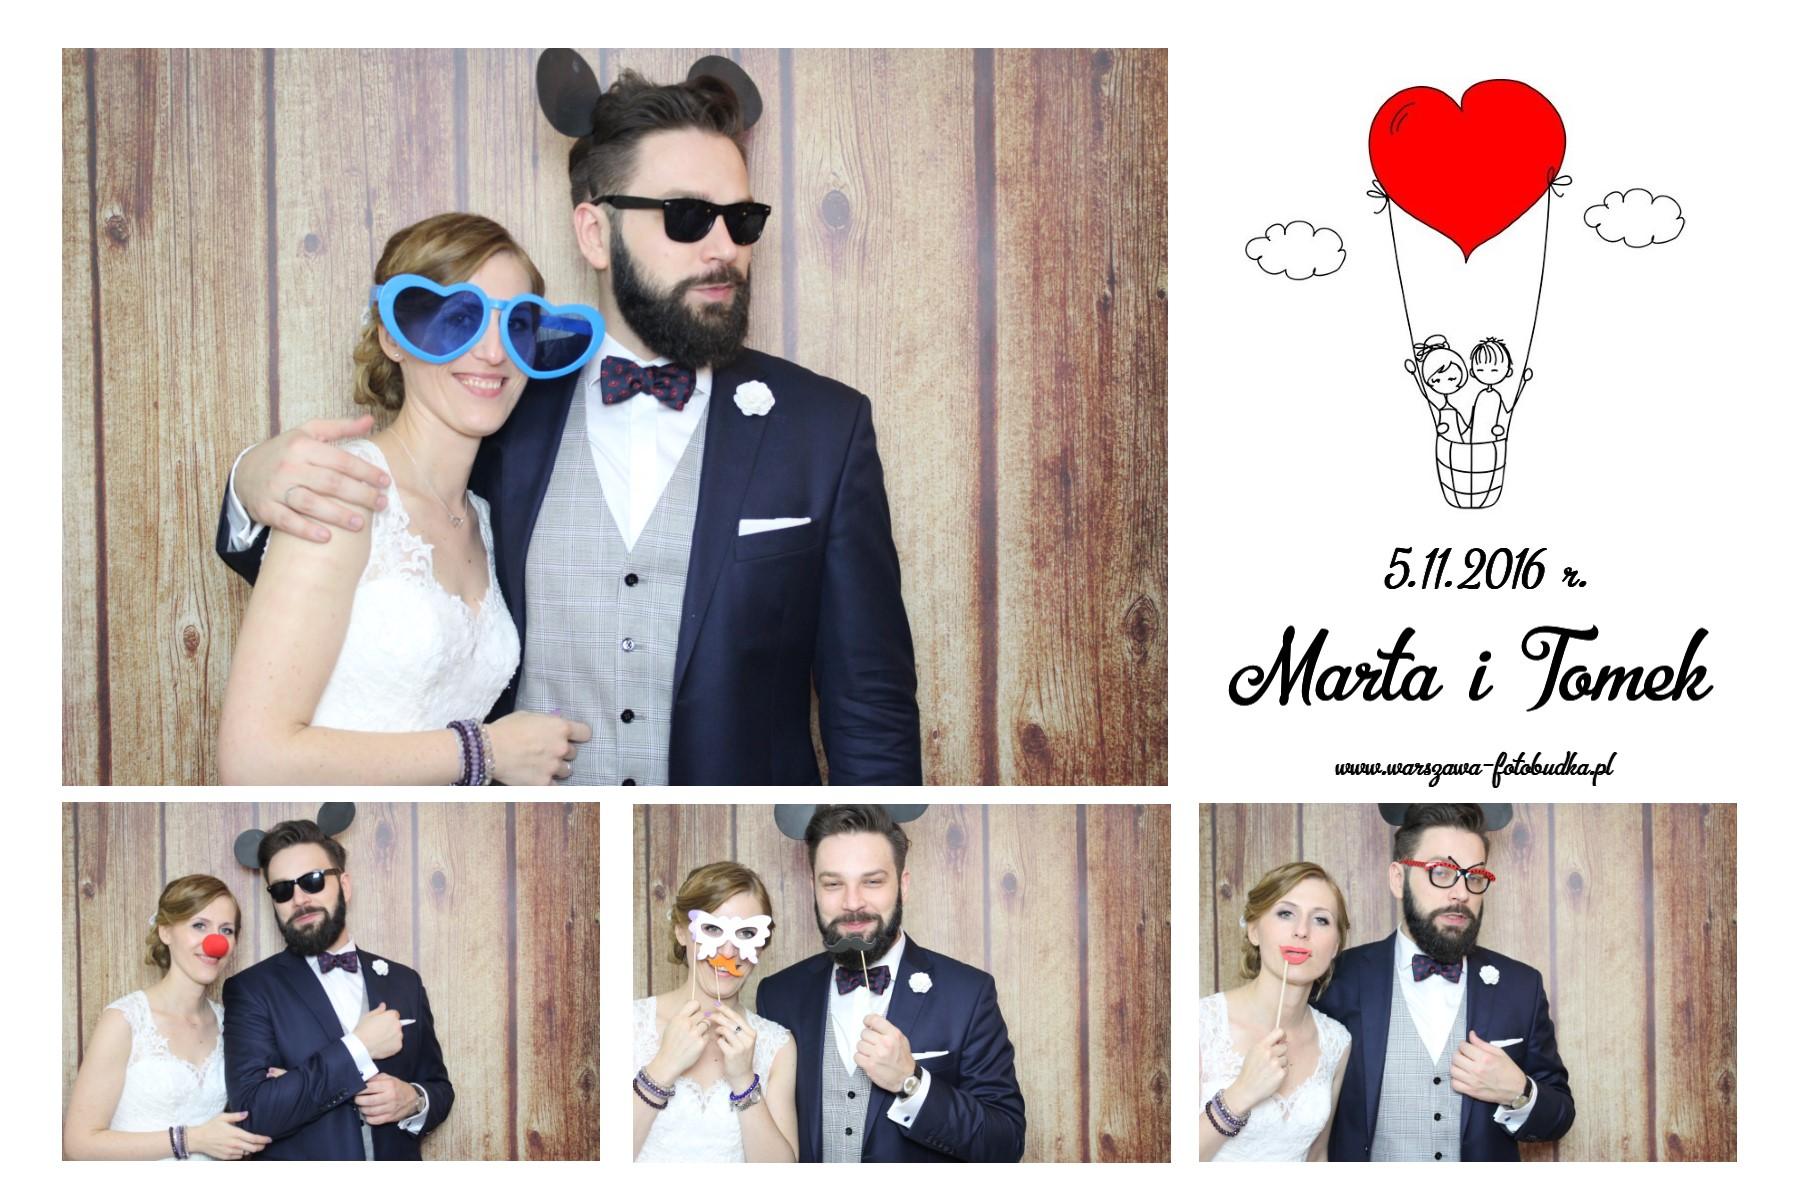 zdjęcie z fotobudki na weslee